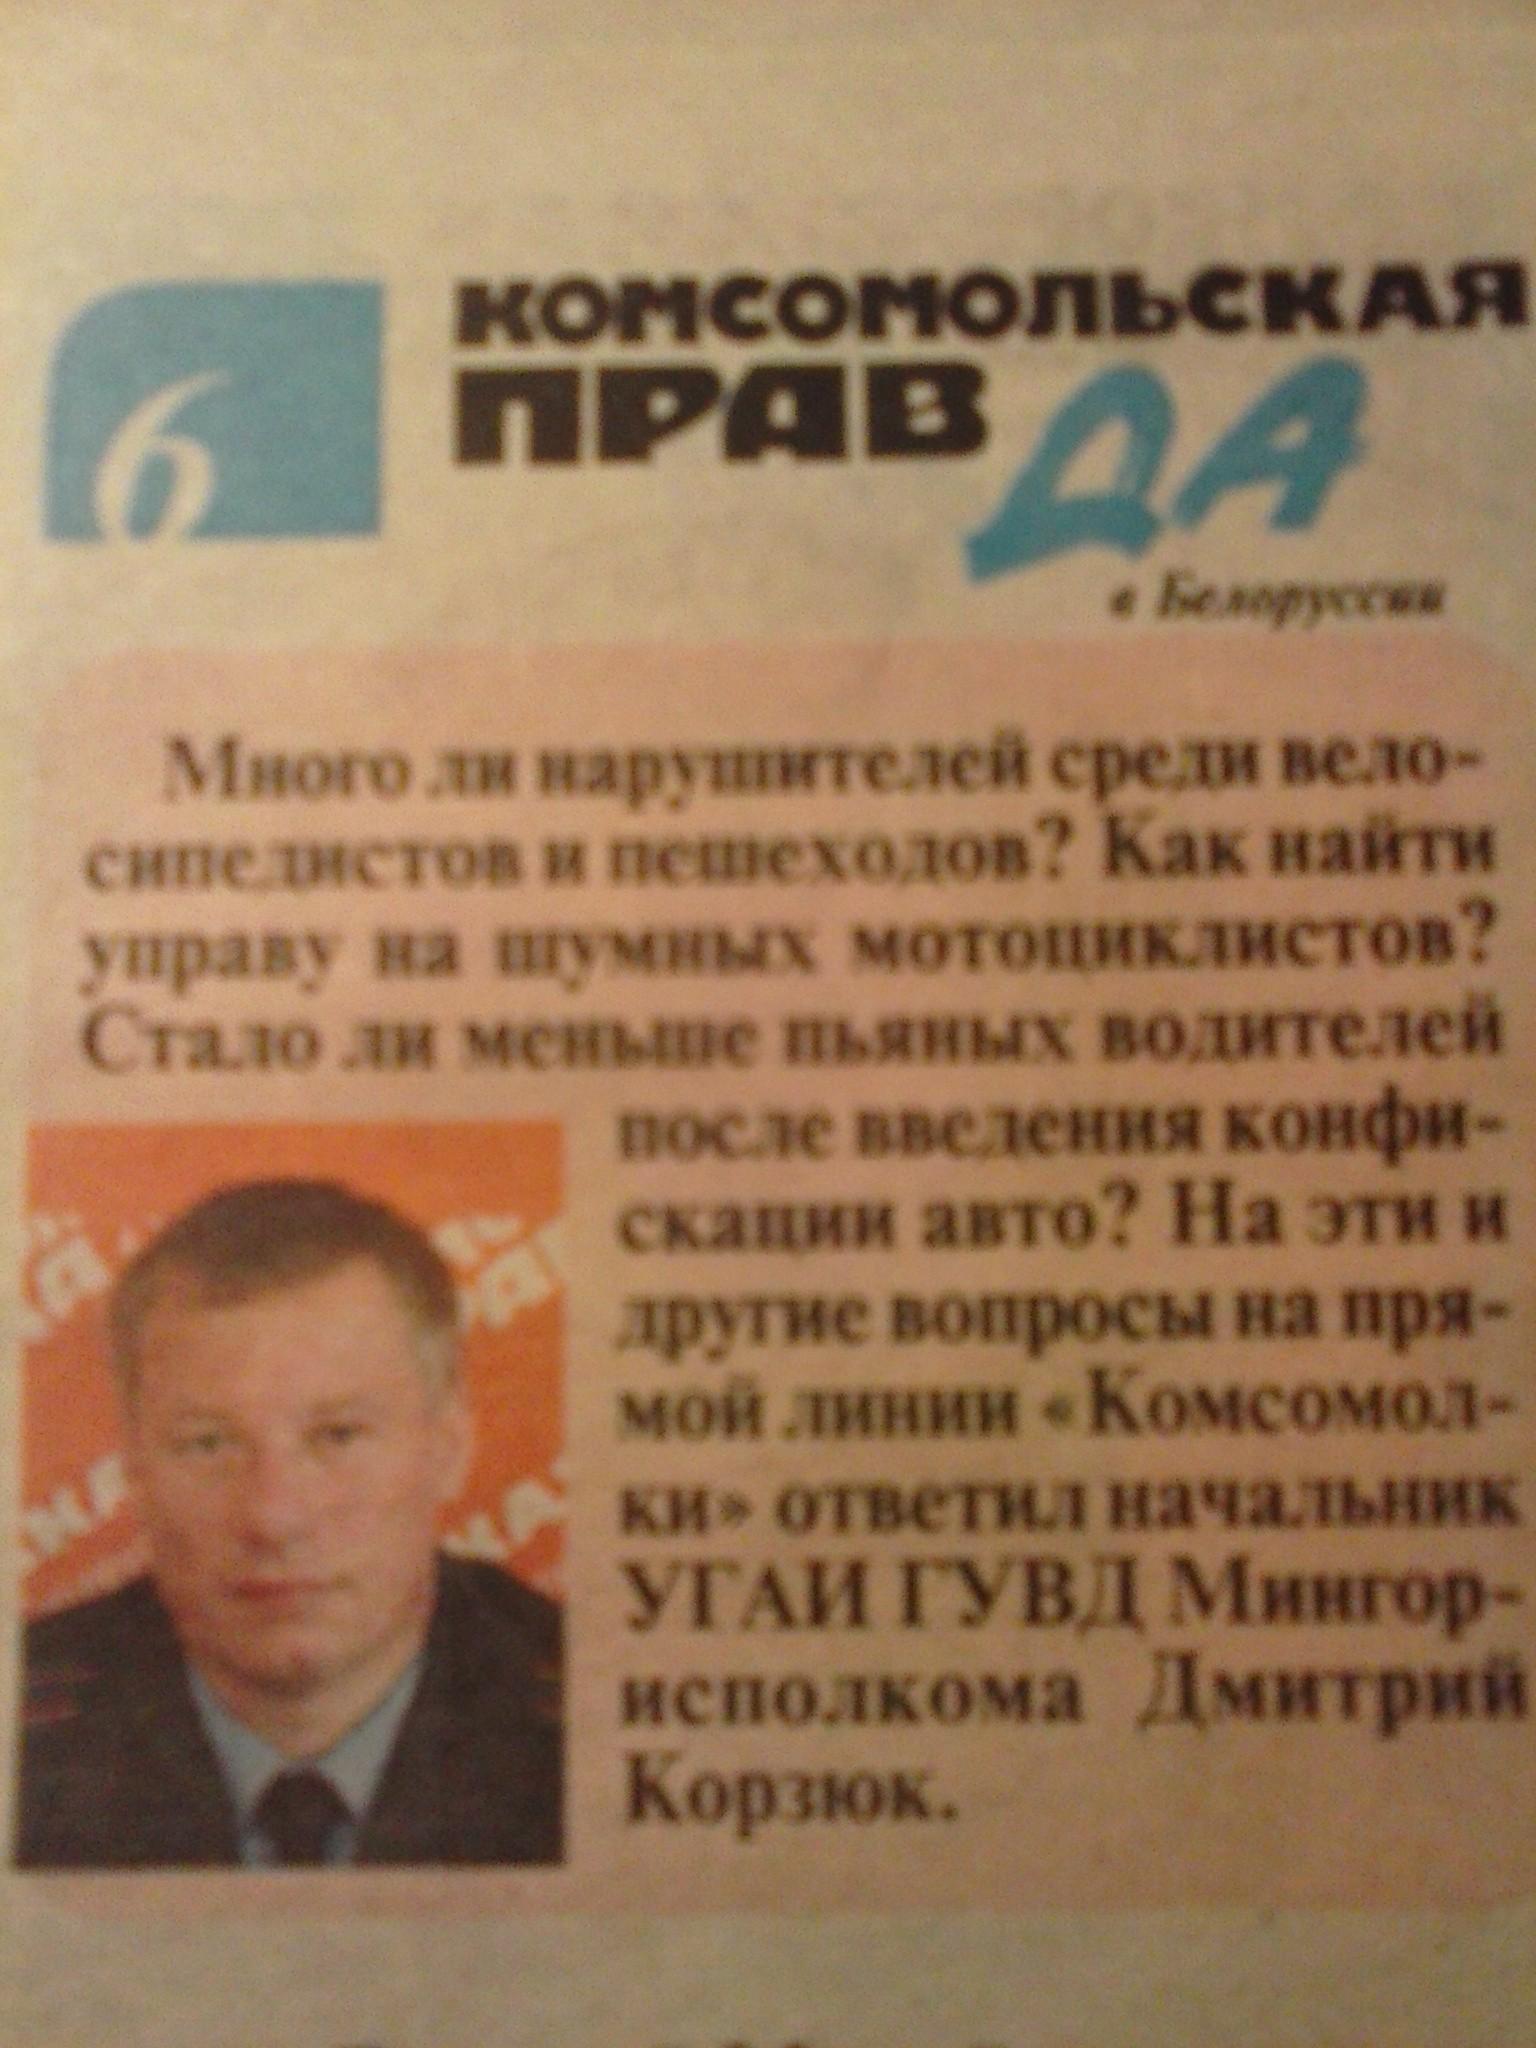 Дмитрий Корзюк. Начальник УГАИ ГУВД Мингорисполкома. Беларусь.